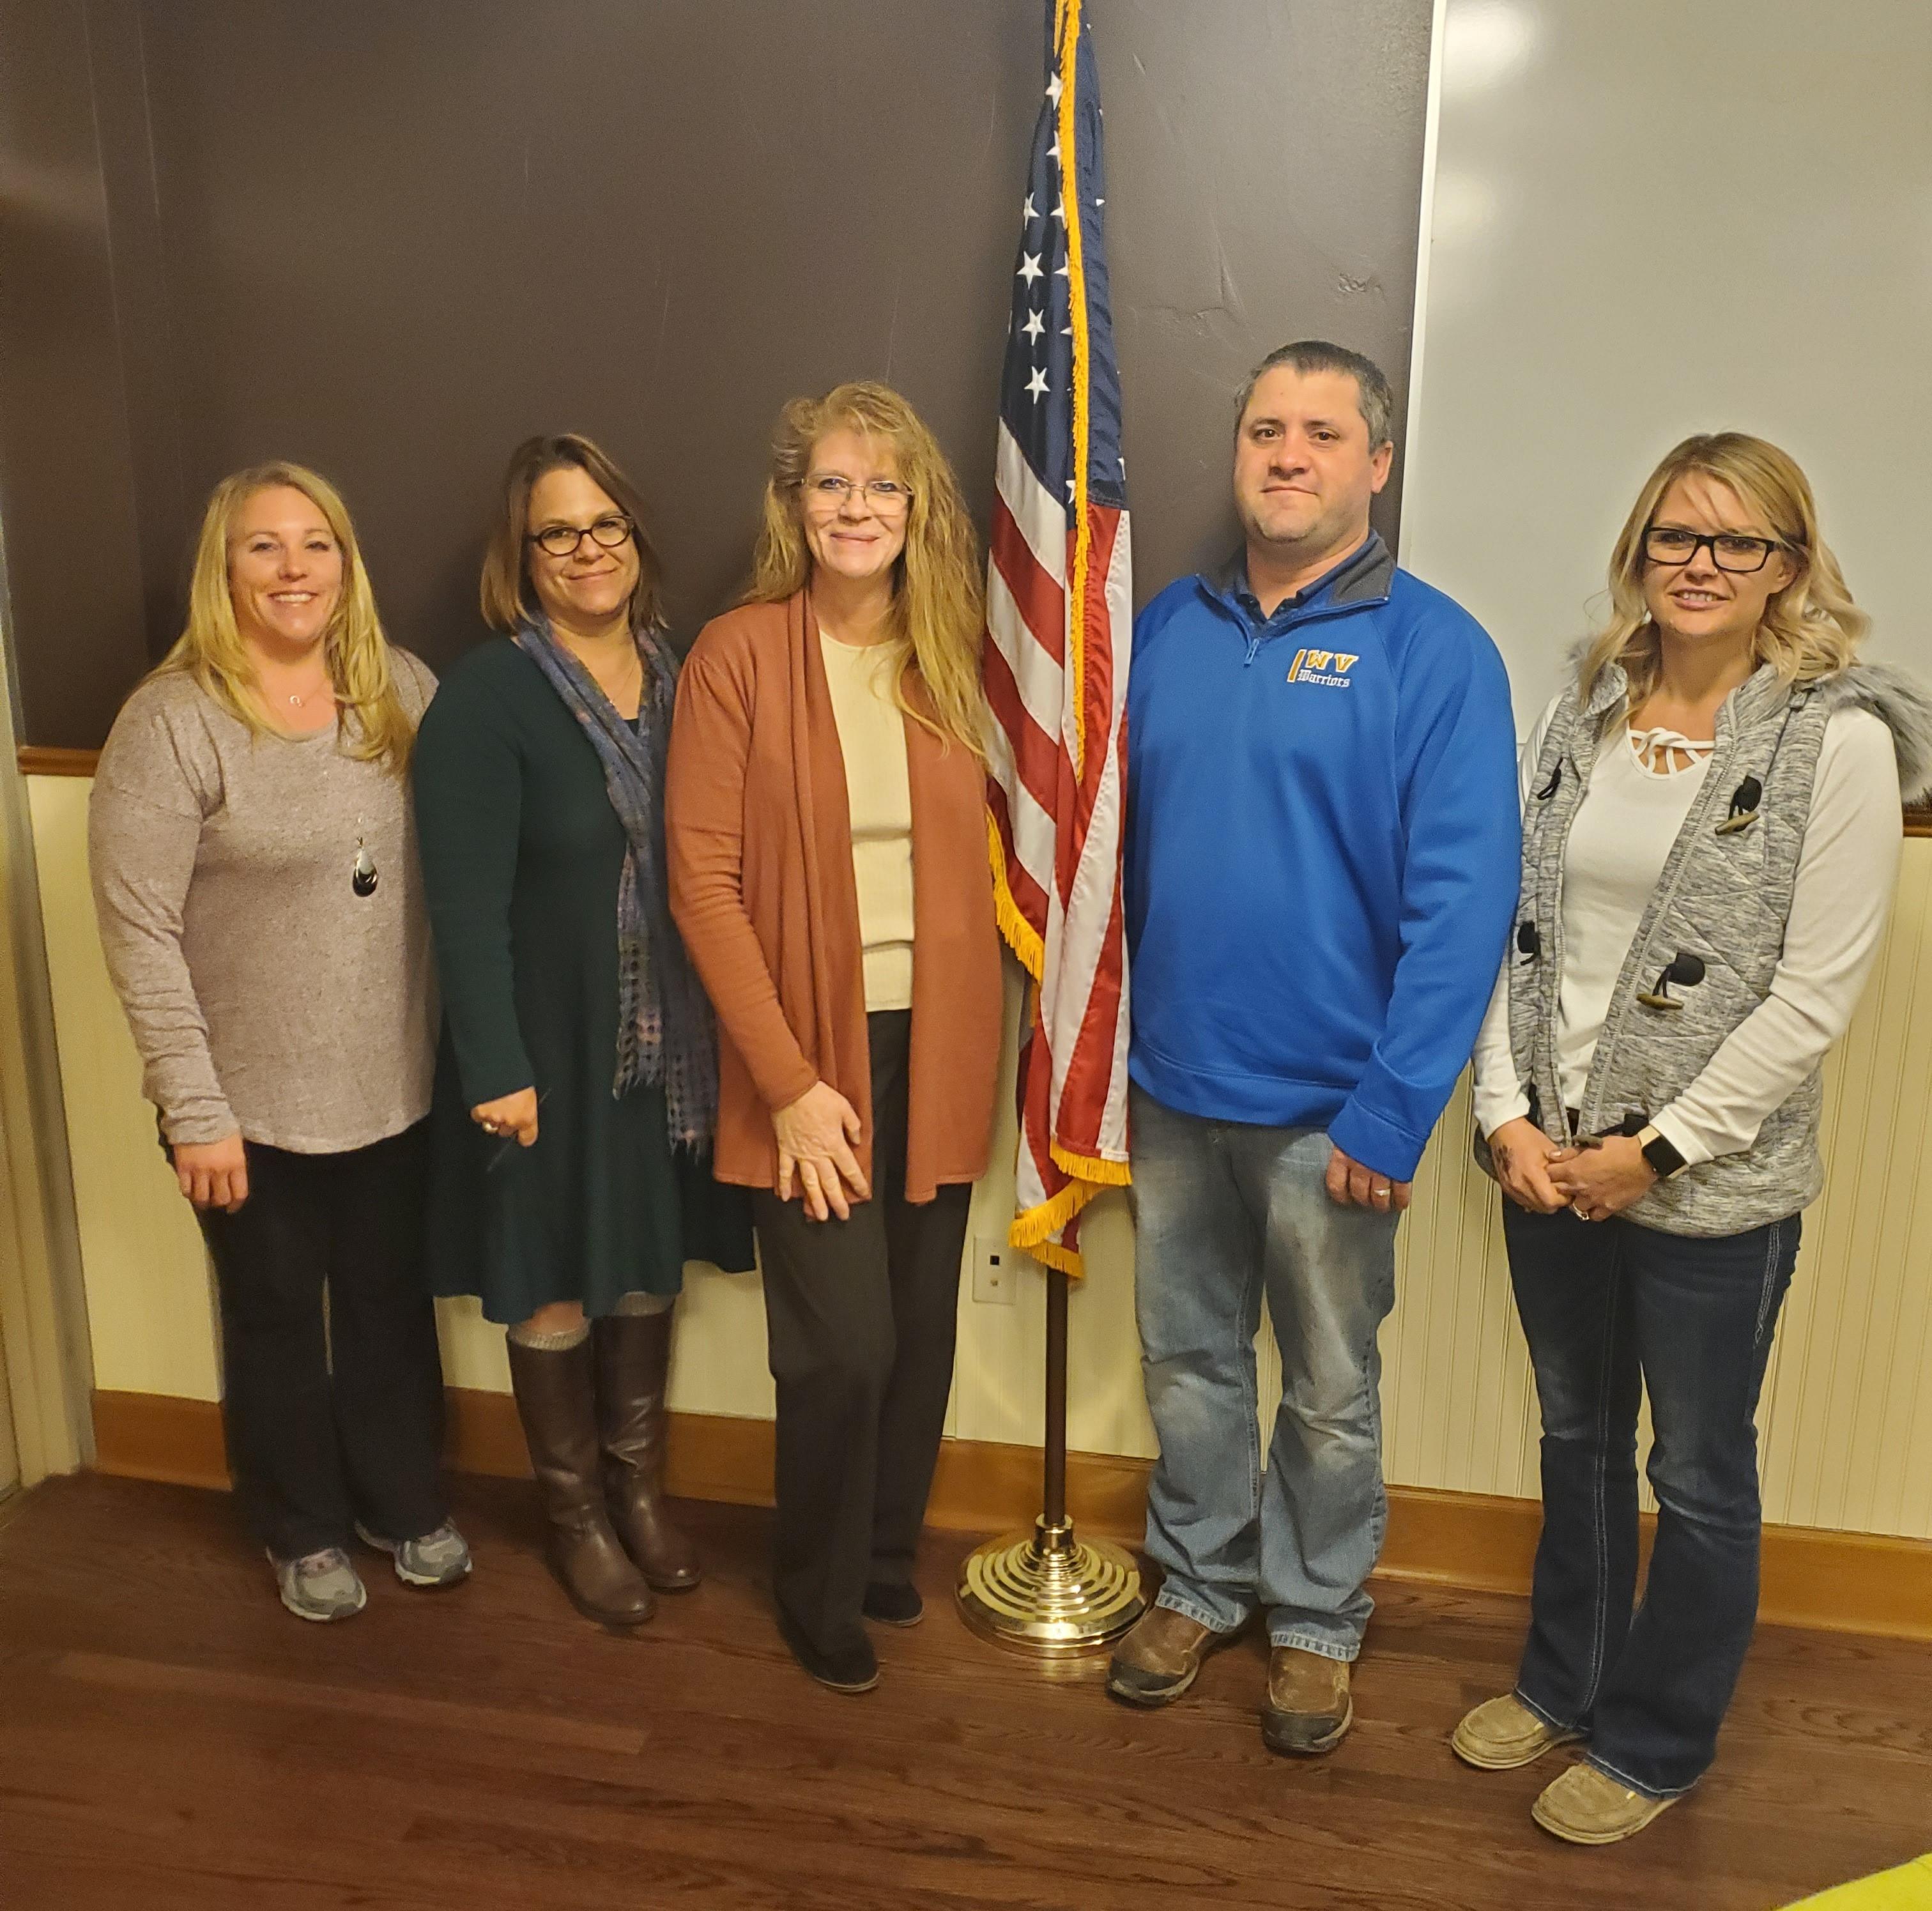 Weldon Valley School Board Members